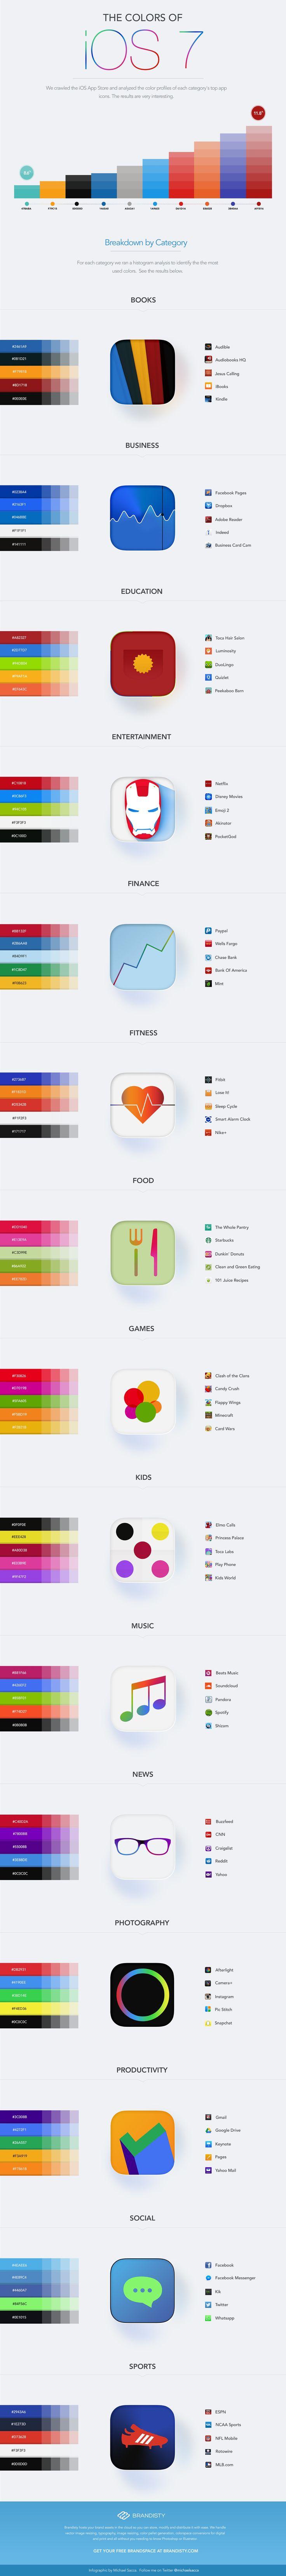 ↪ Infográfico: as cores mais utilizadas pelos principais aplicativos da App Store